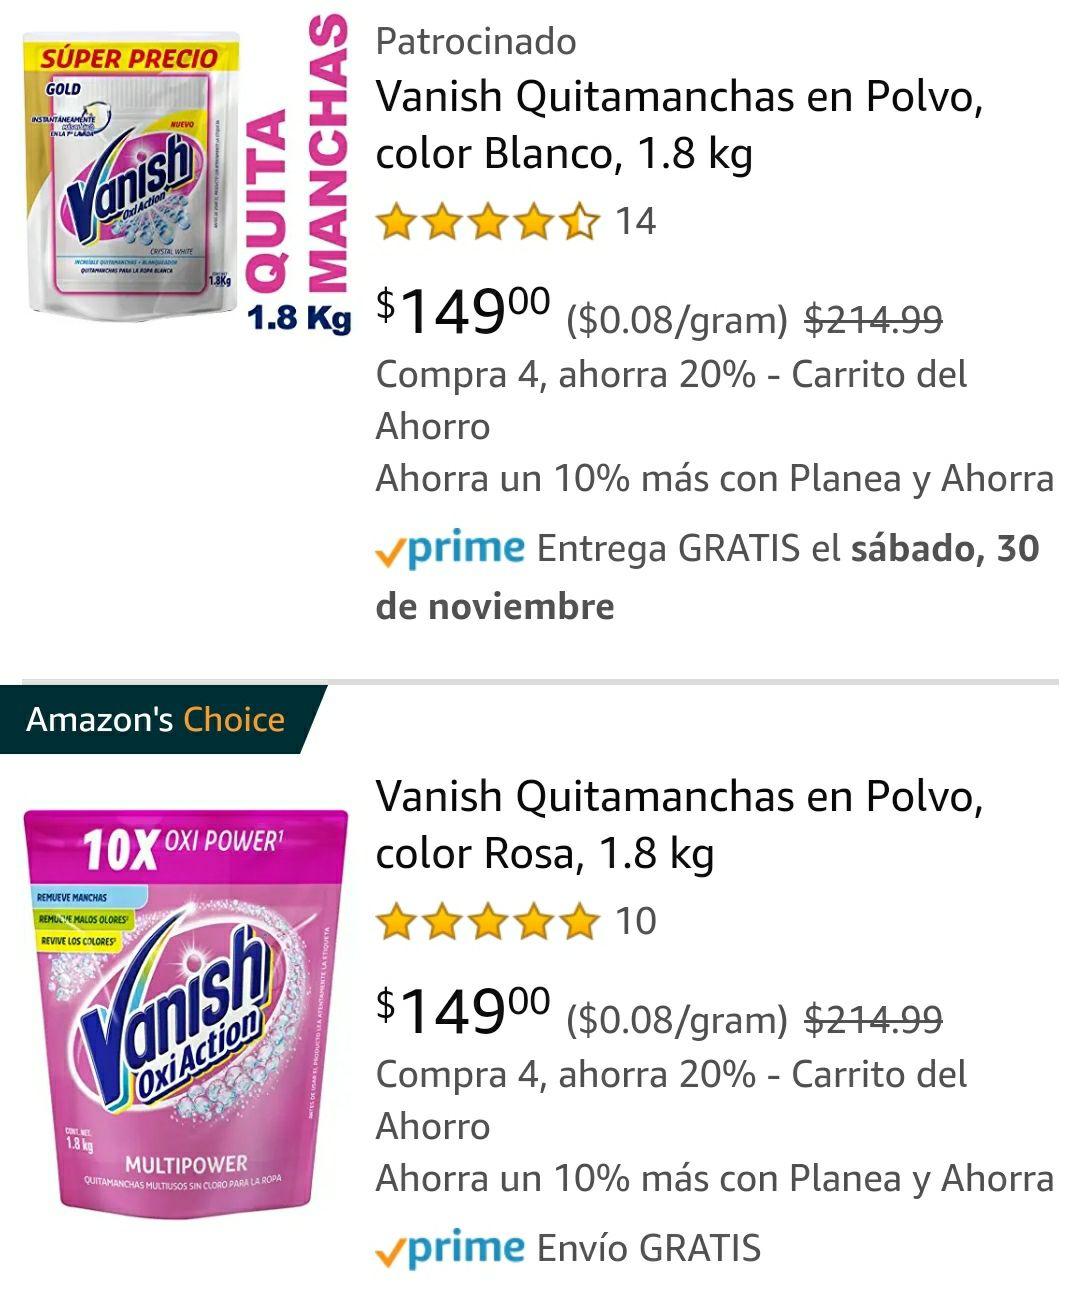 Amazon: Vanish en polvo de 1.8kg